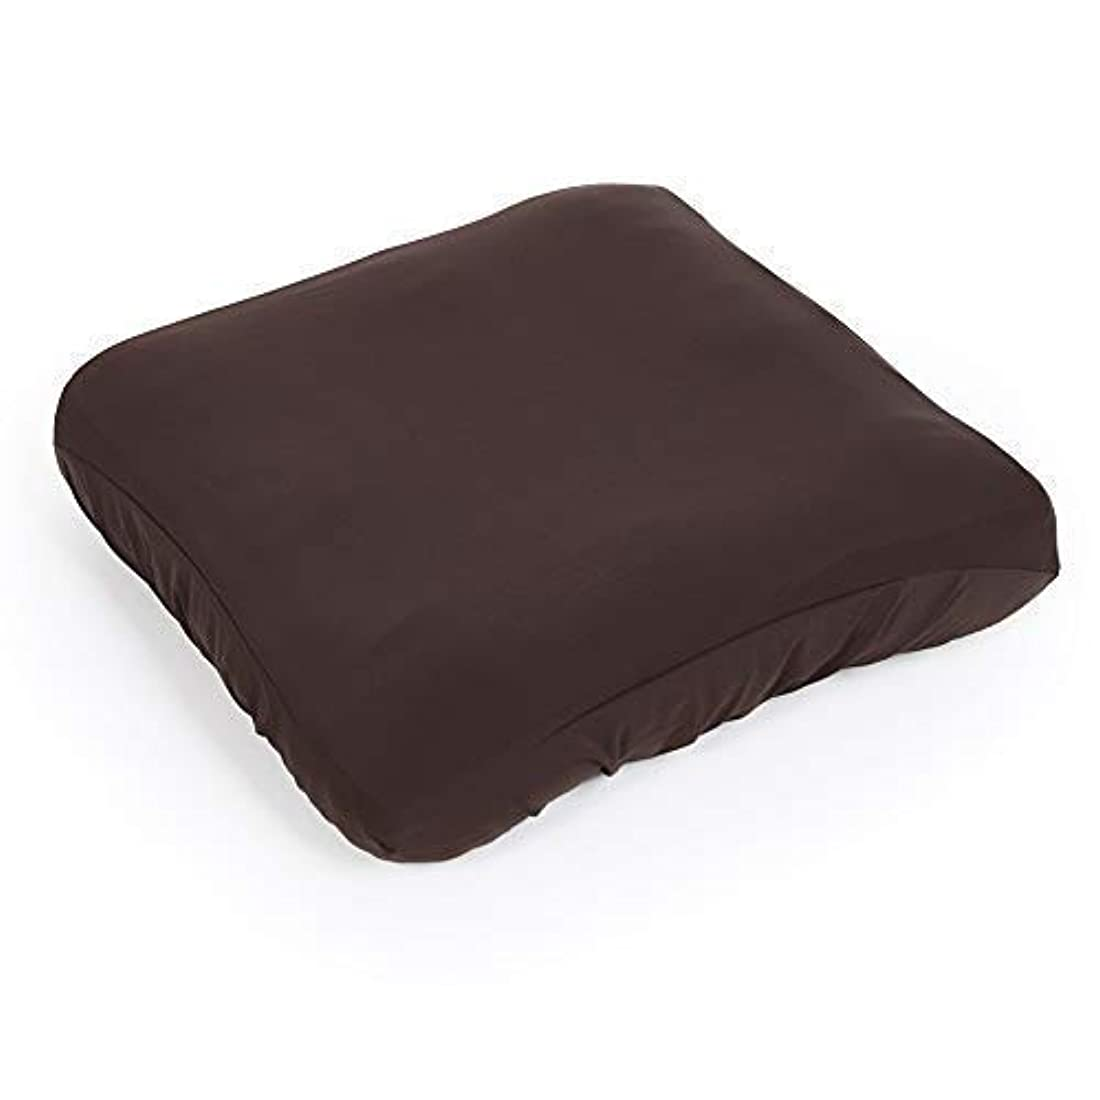 理解果てしないメーターBaibu Home 専用 座布団 カバー 冷感素材 ブラウン